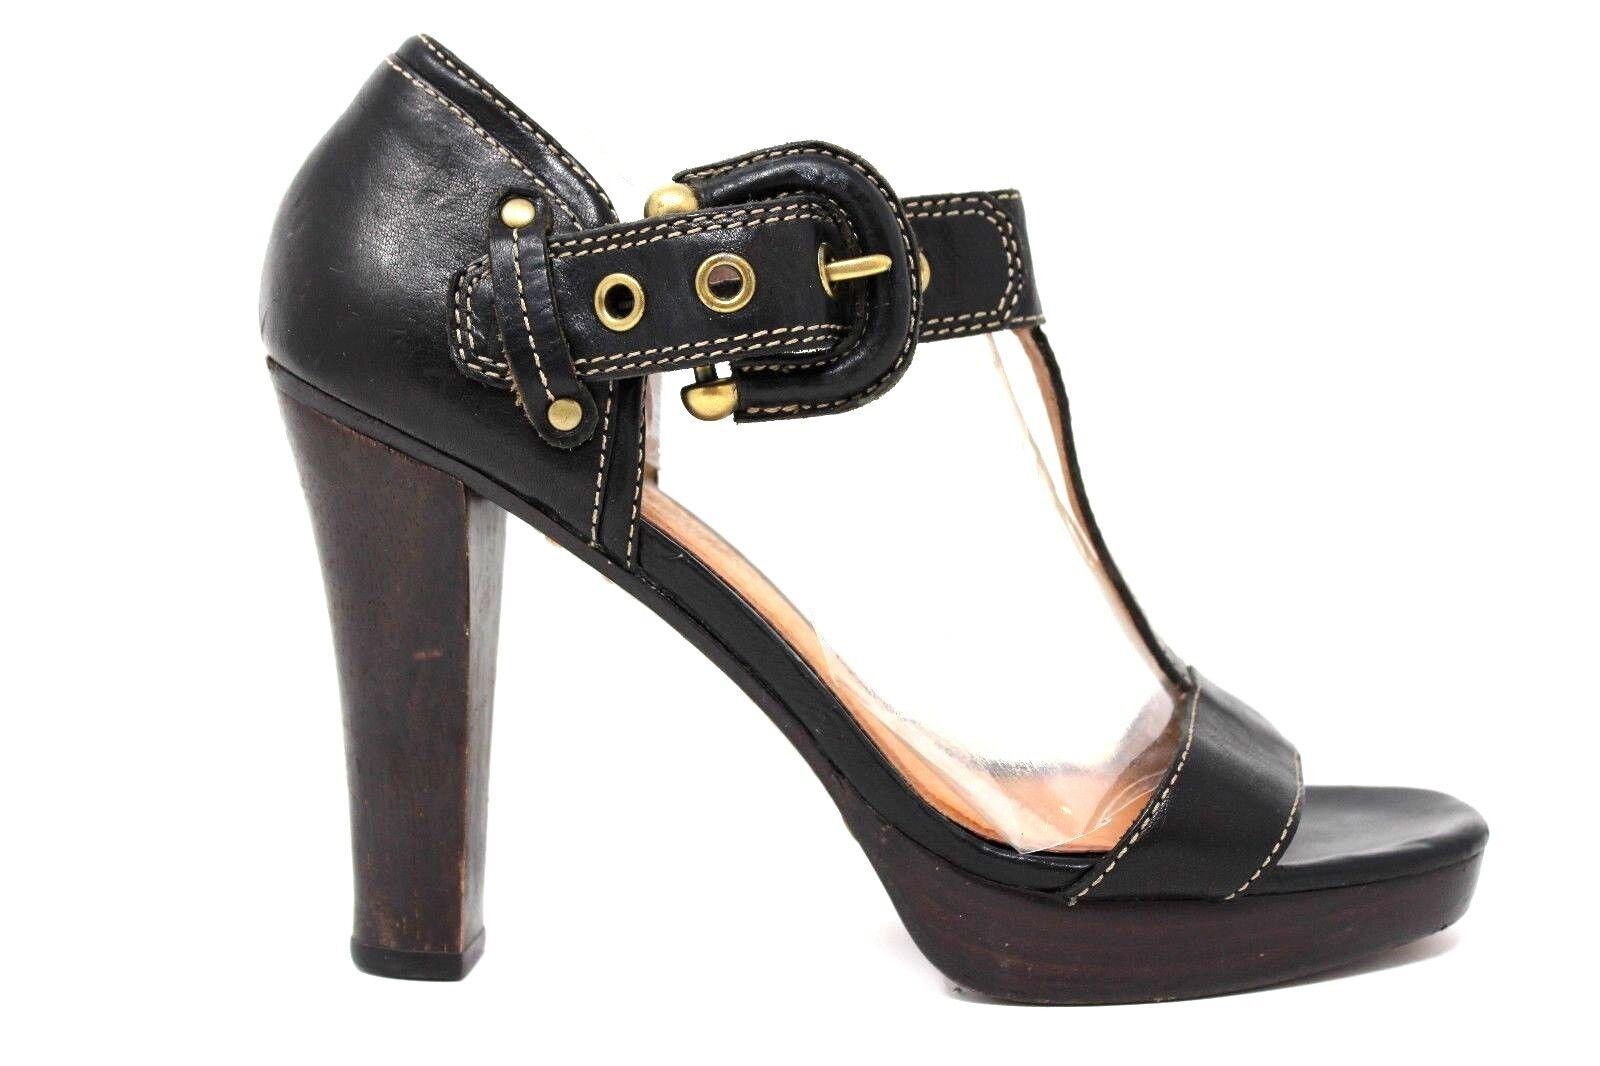 Frye Gabby Bucklet Black Leather T-Strap Buckle 4.5  Heels Women's Size 8.5M